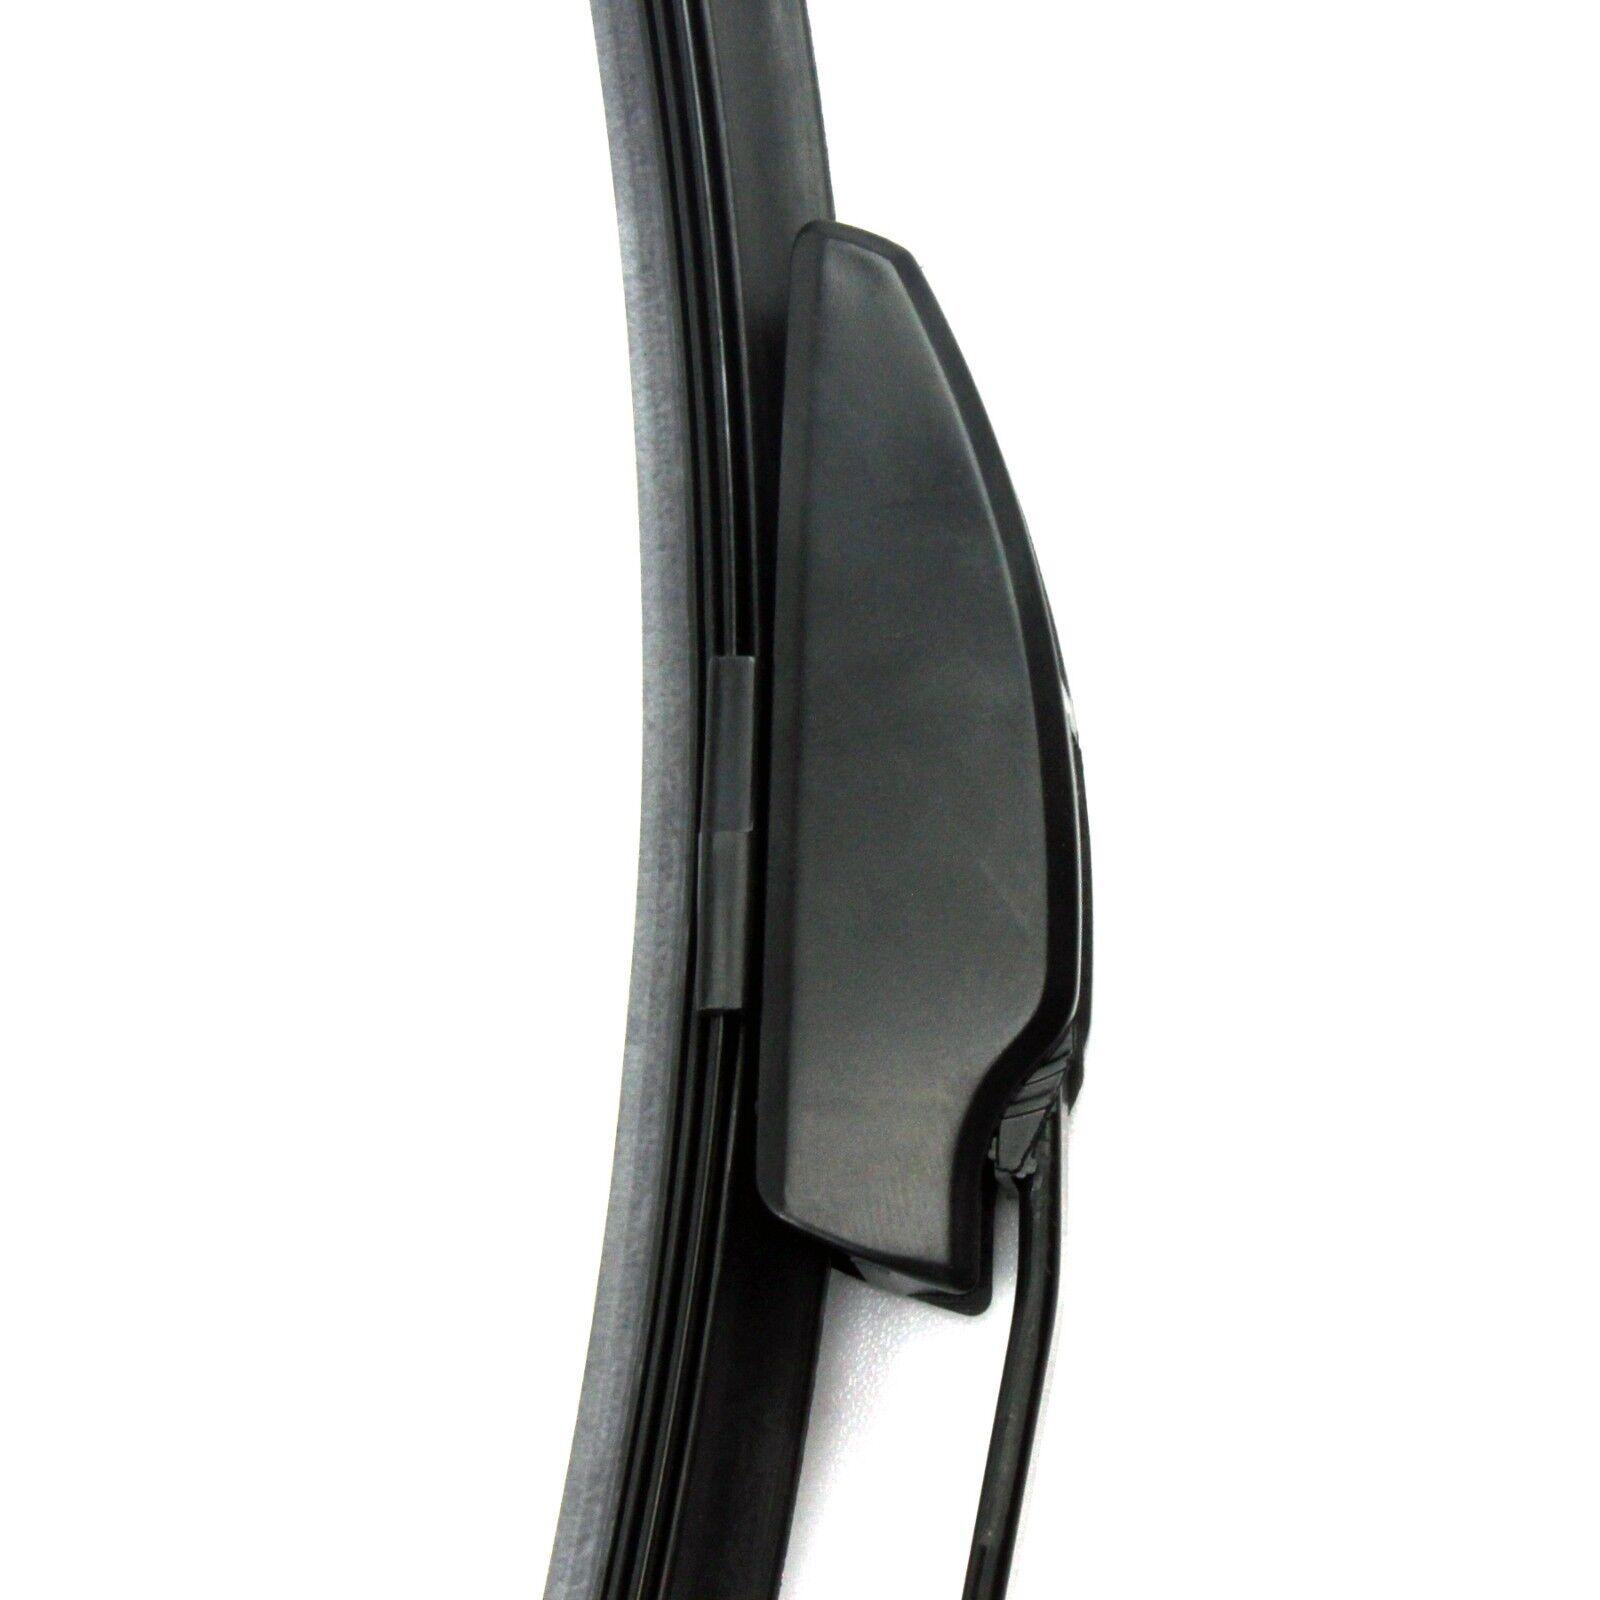 scheibenwischer f r bmw cabrio e36 vorne 93 99 bj 530 500. Black Bedroom Furniture Sets. Home Design Ideas